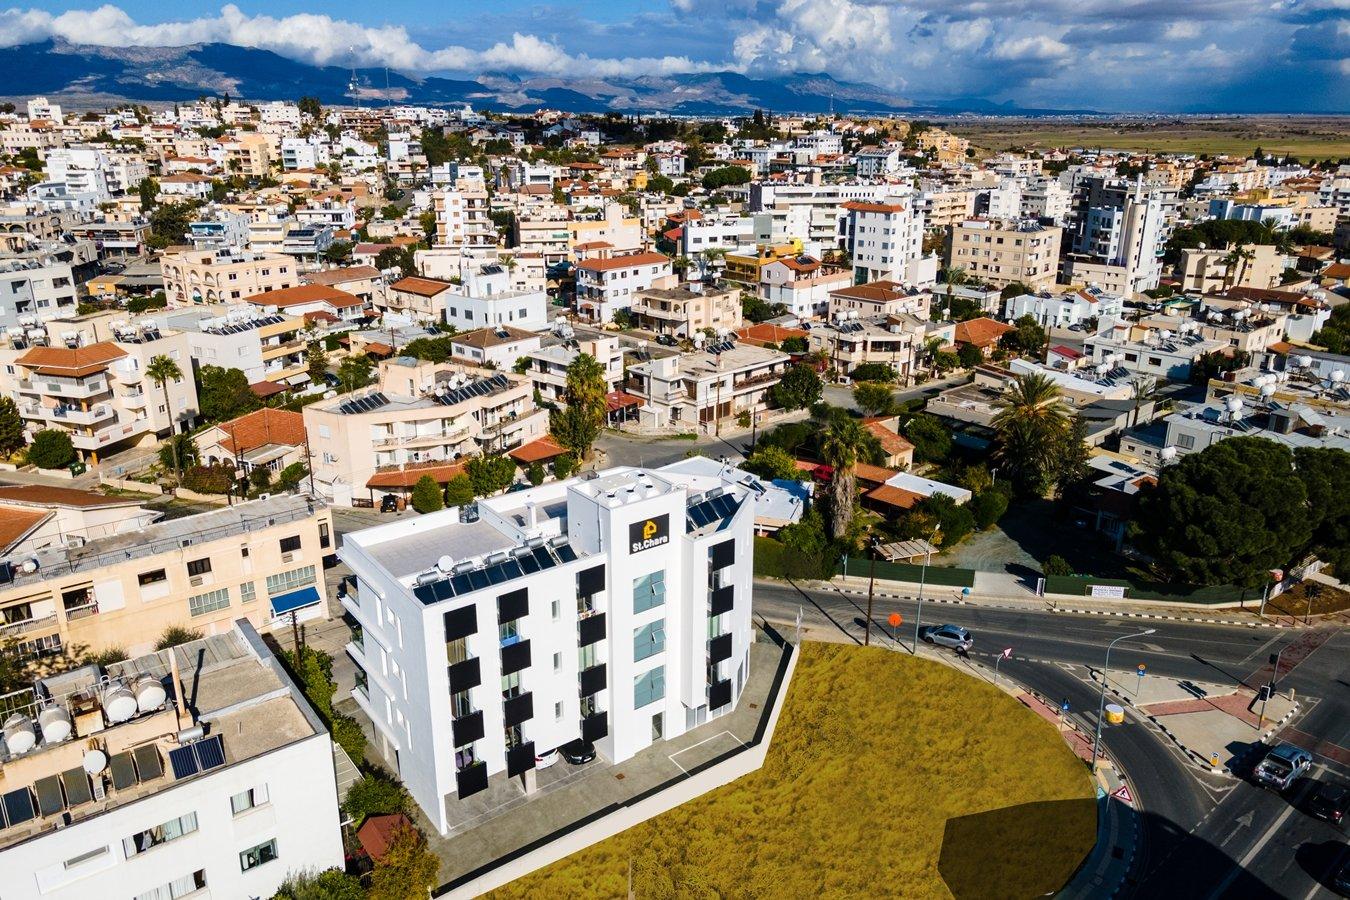 Orfeas-Apartment-301-DJI_0200_ed